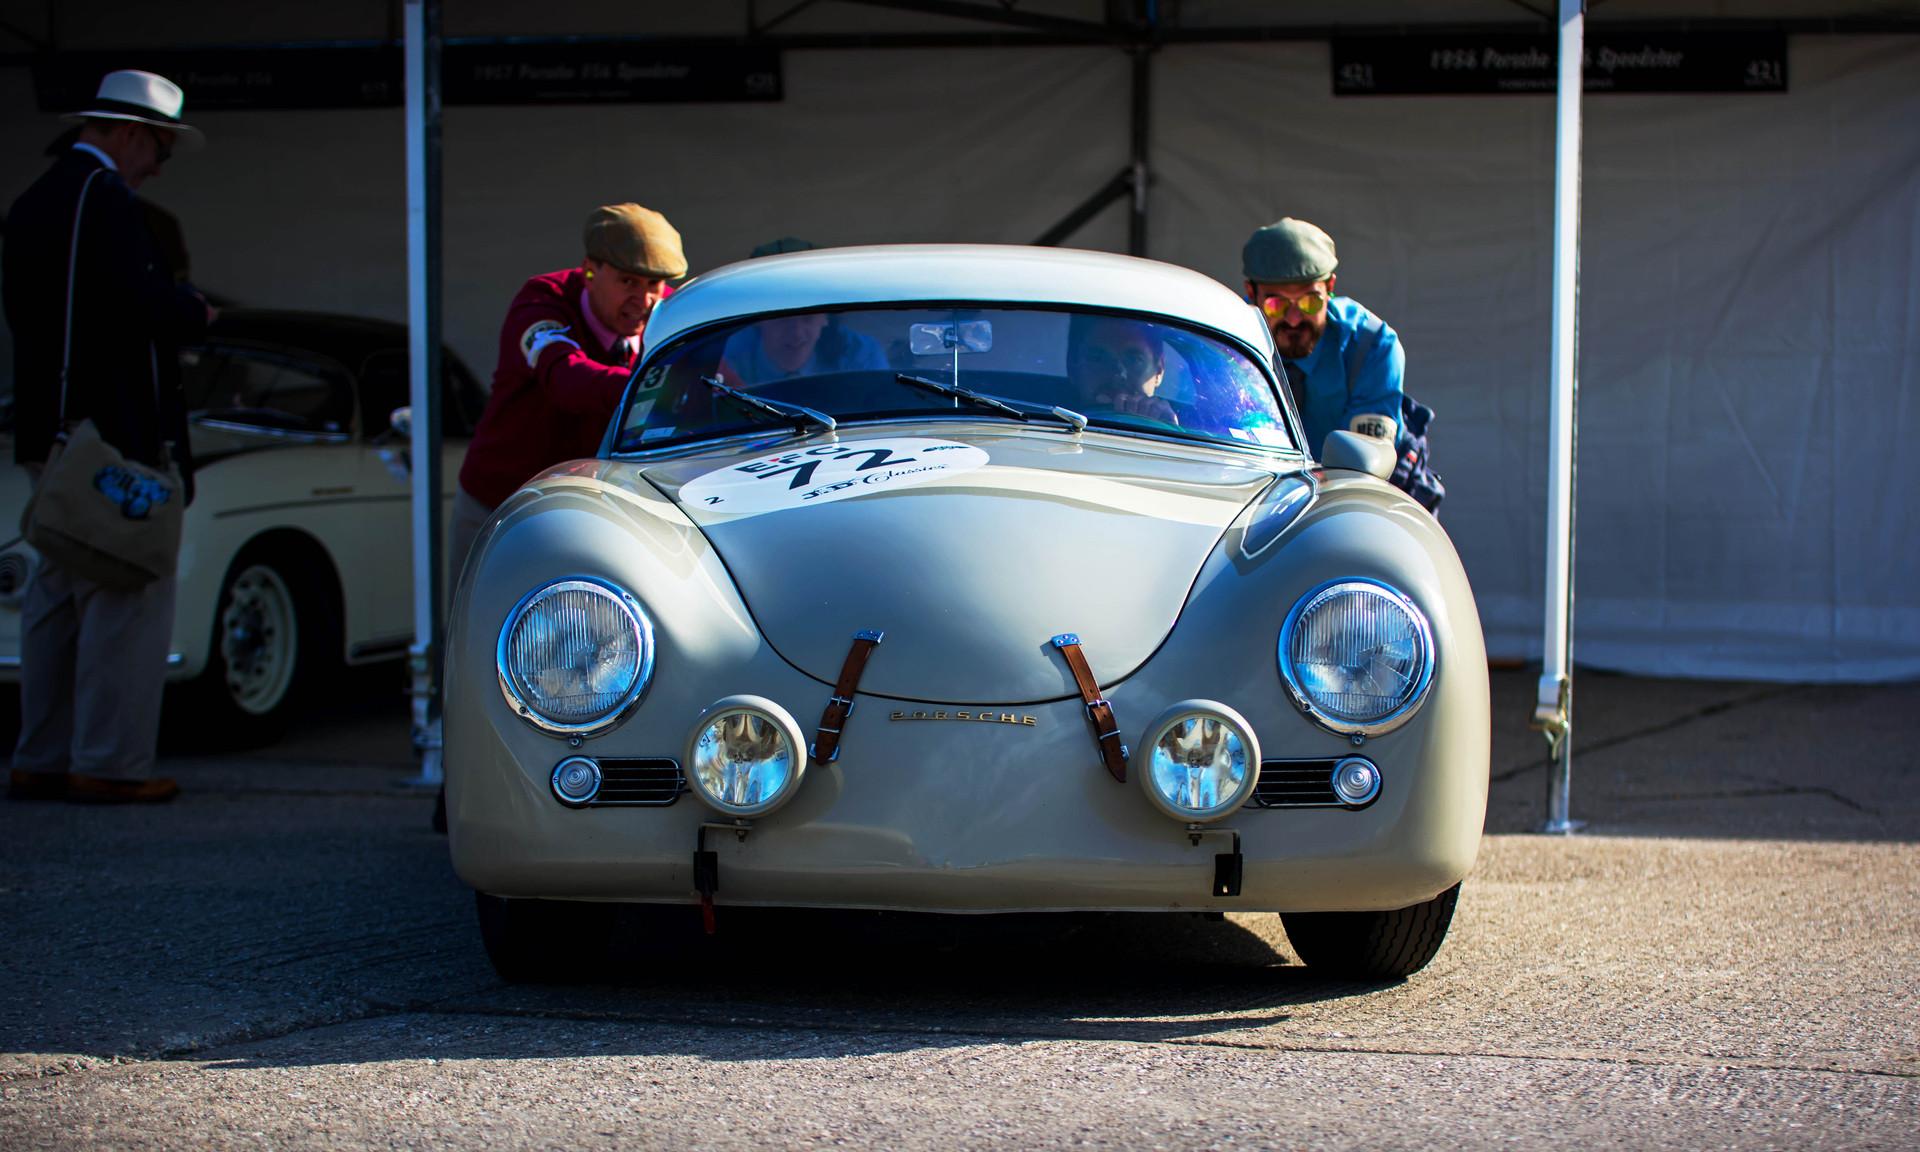 Heiko Ostmann's 1955 Porsche 356 Speedster